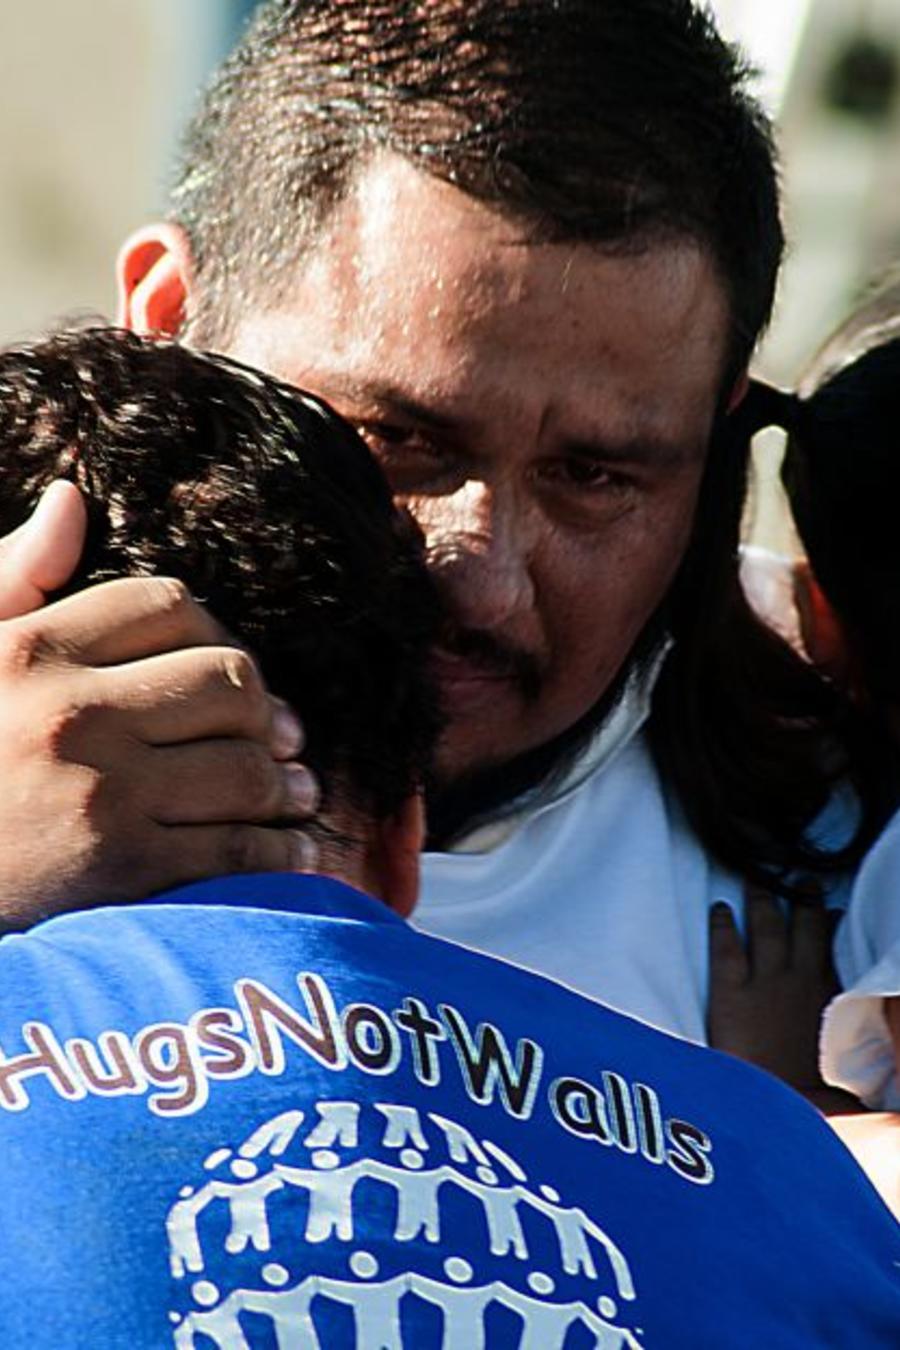 La corte rechaza restricciones de asilo a inmigrantes indocumentados